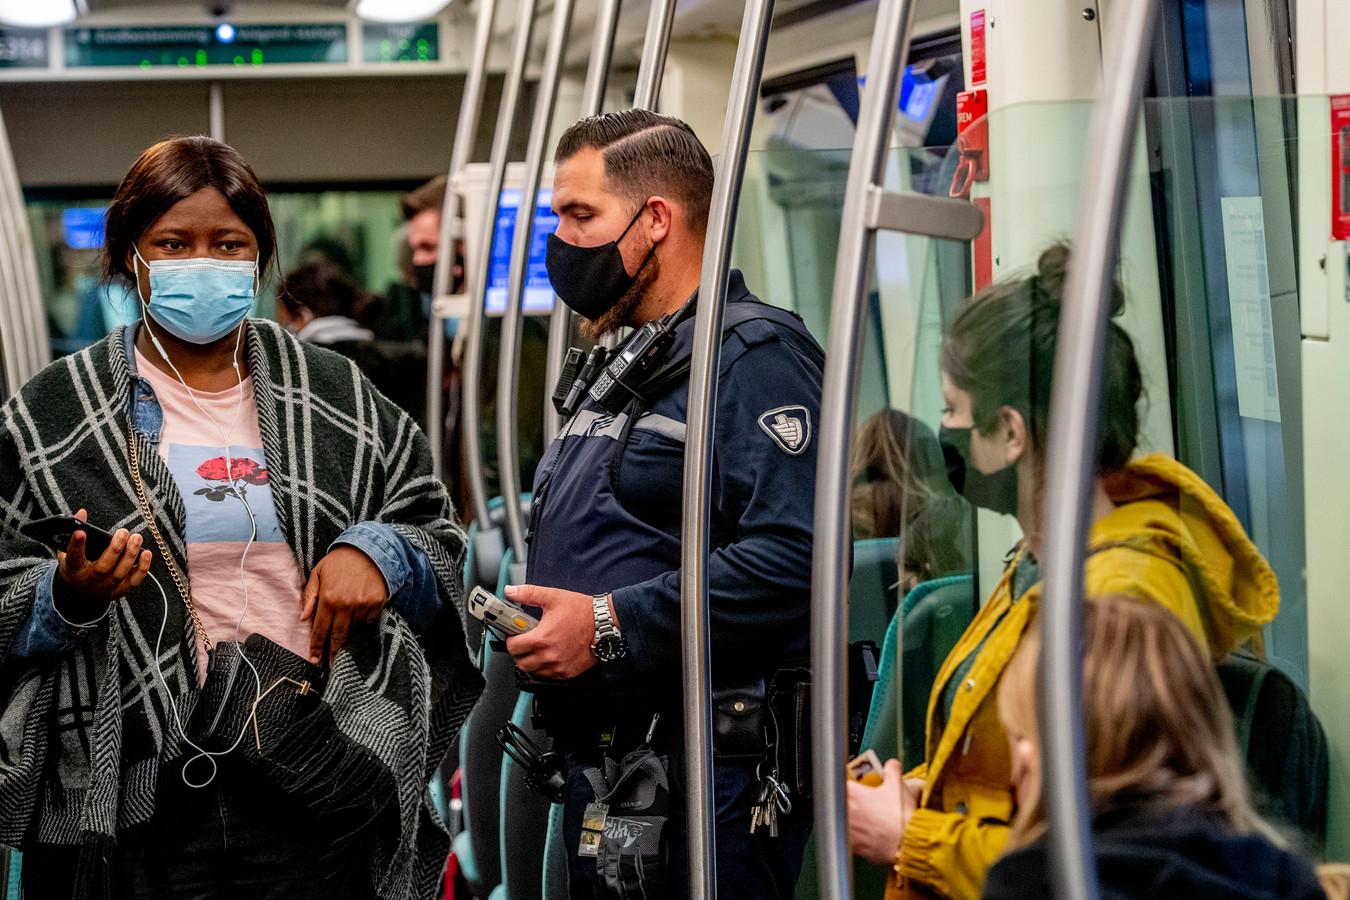 De bezuinigingsvoorstellen voor het openbaar vervoer gaan wel heel ver, vinden politici en RET'ers.